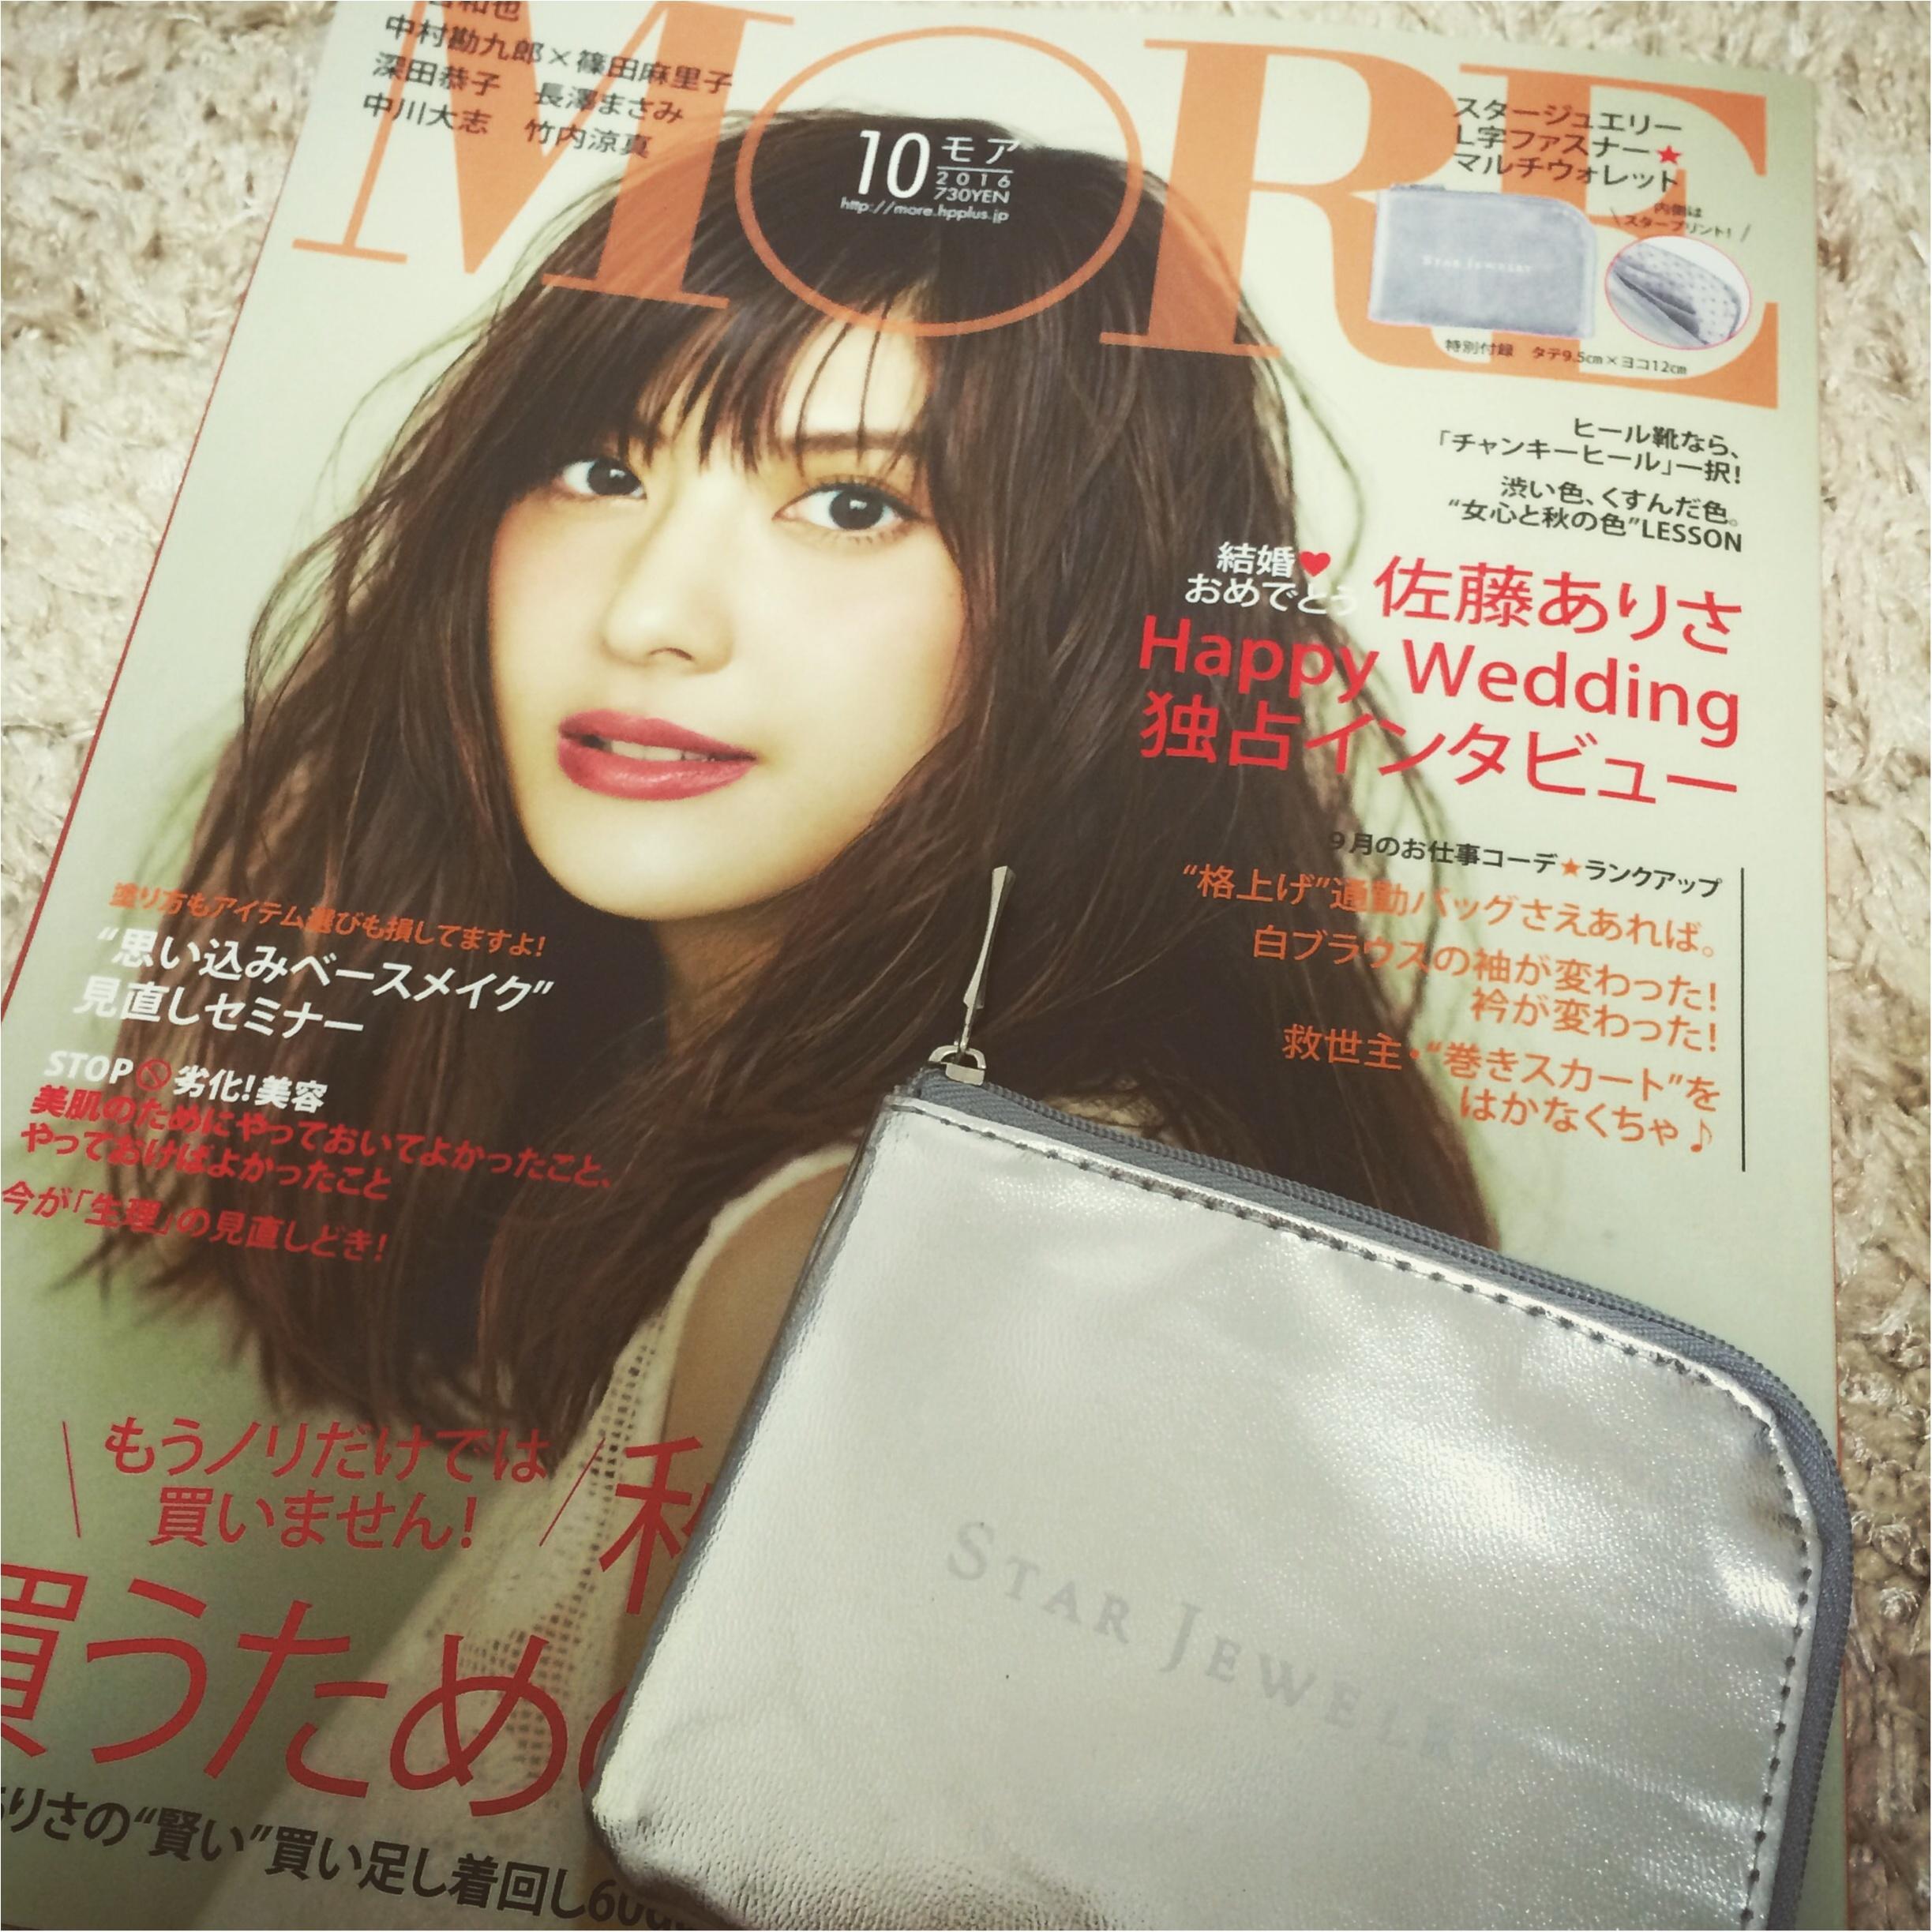 HAPPYオーラ全開のありさちゃんが目印!MORE10月号発売中♡_1